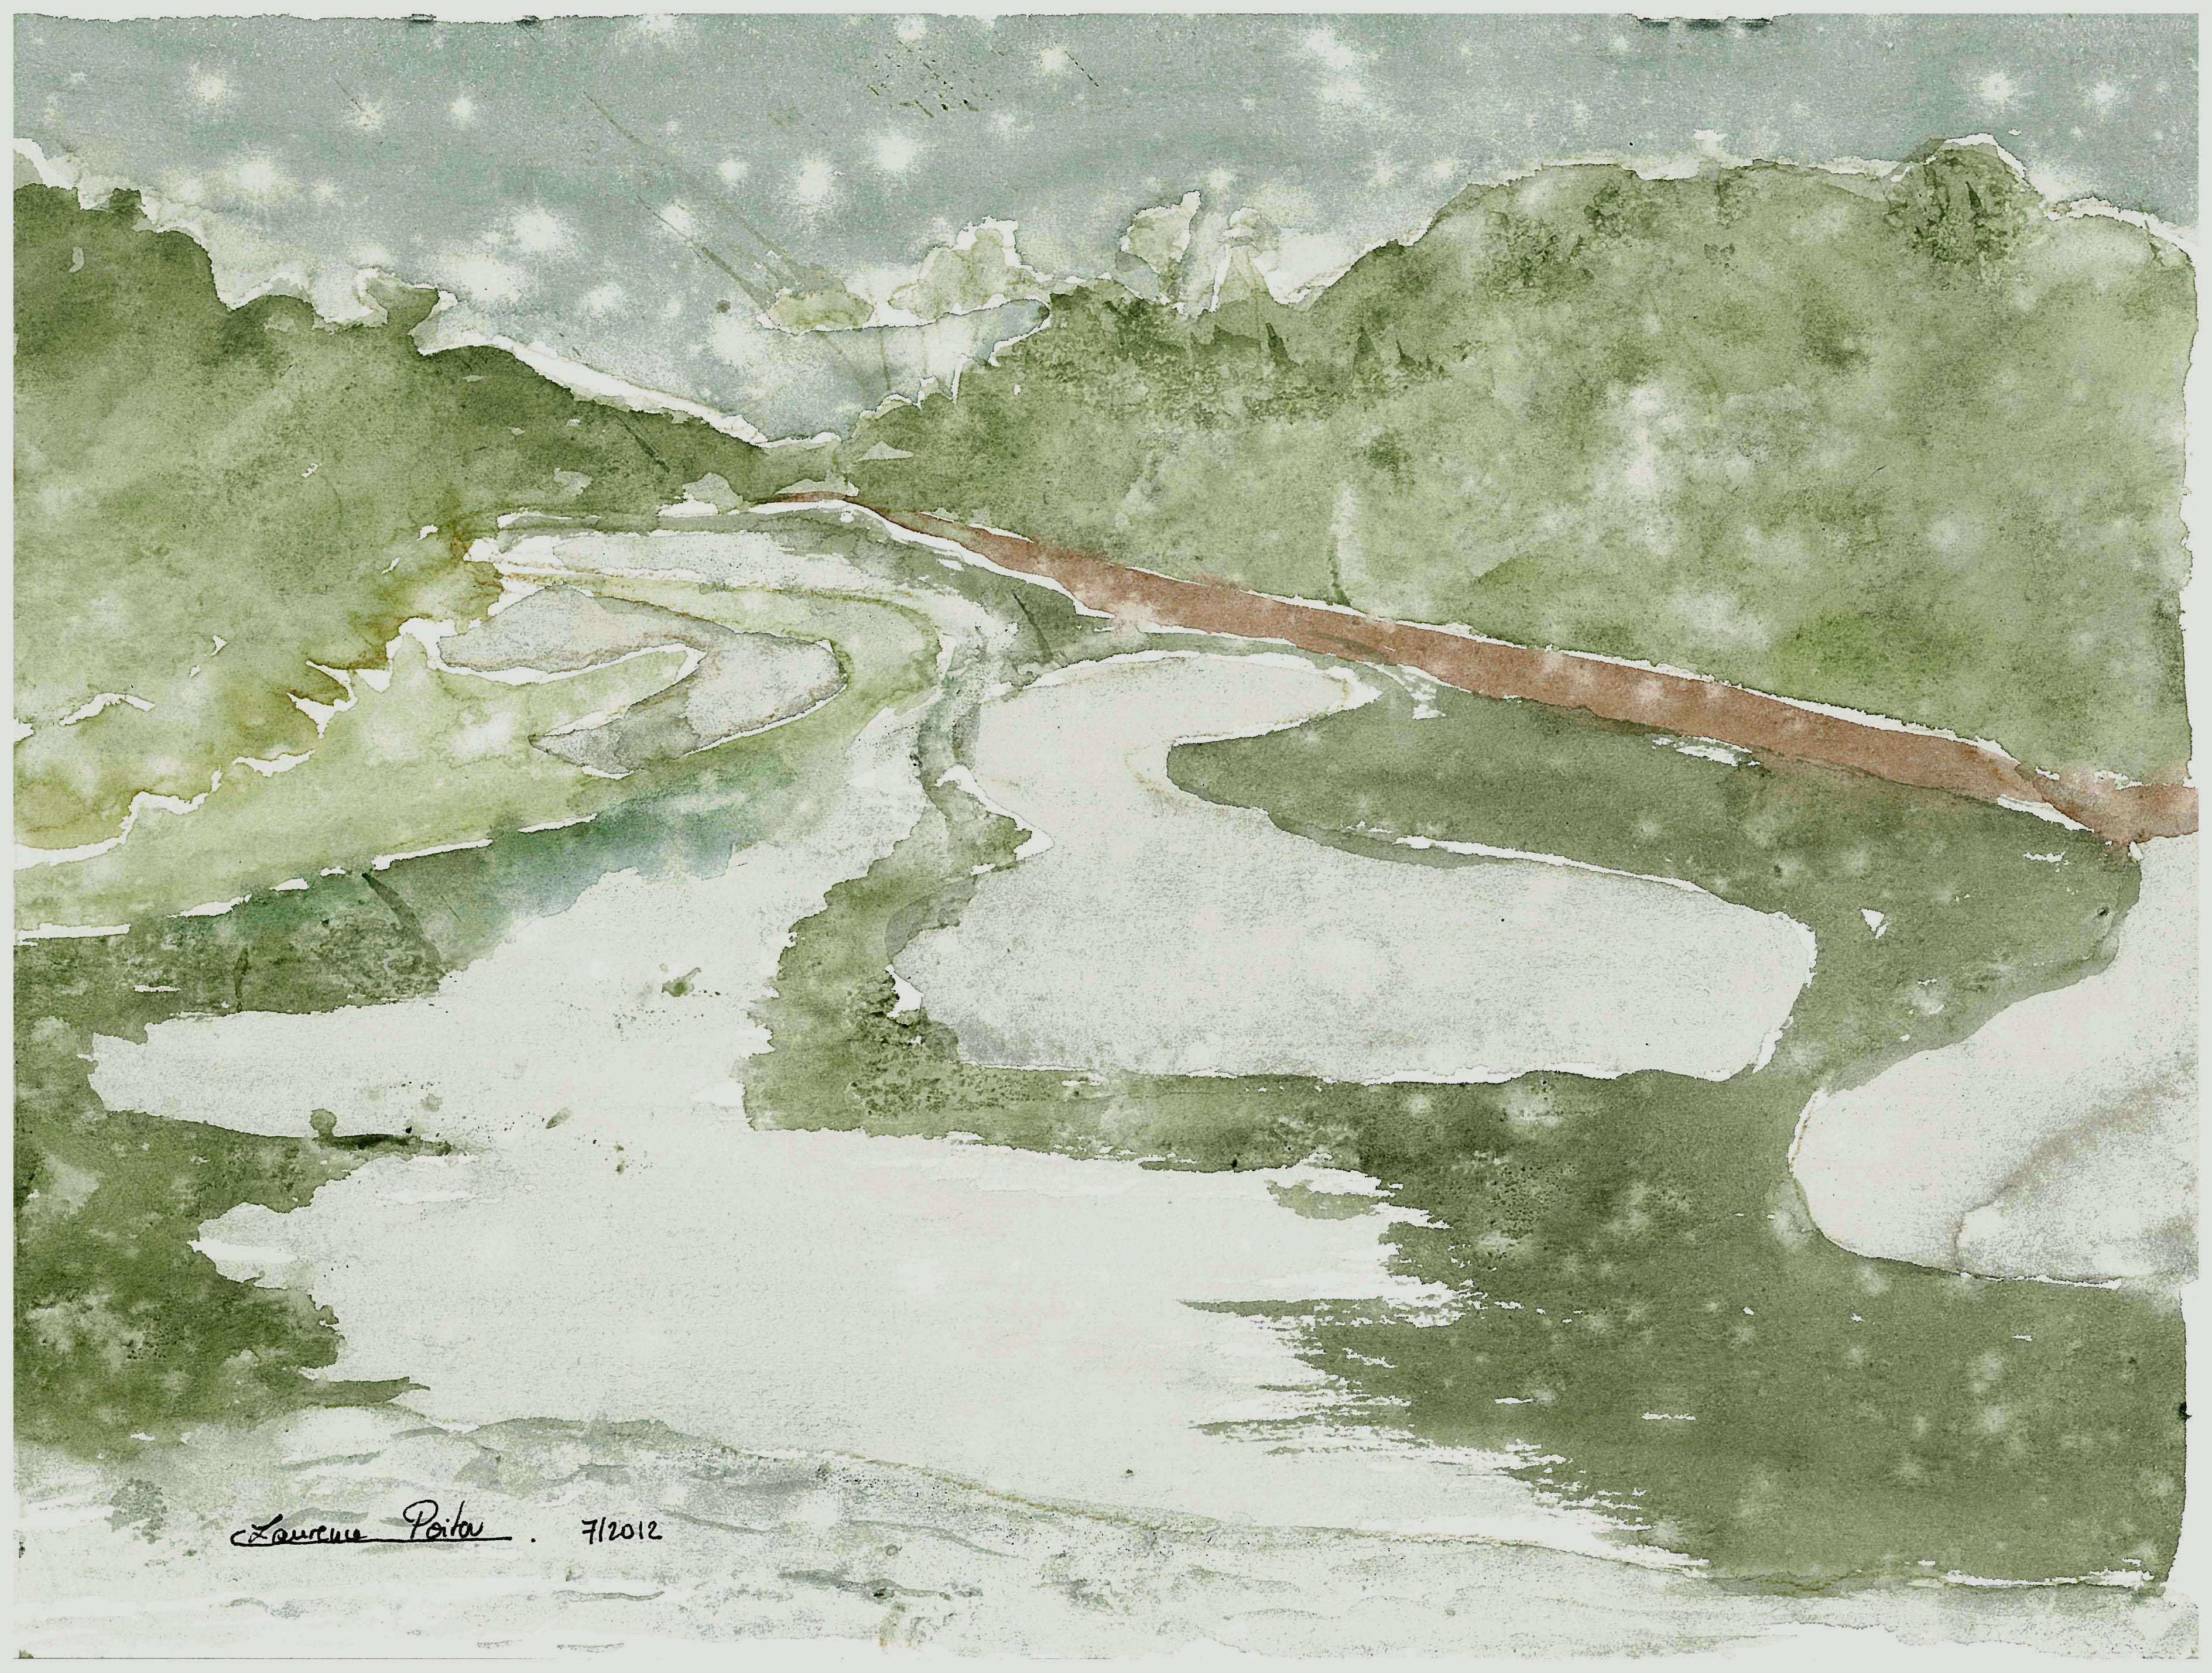 Rêveries au bord de la rivière